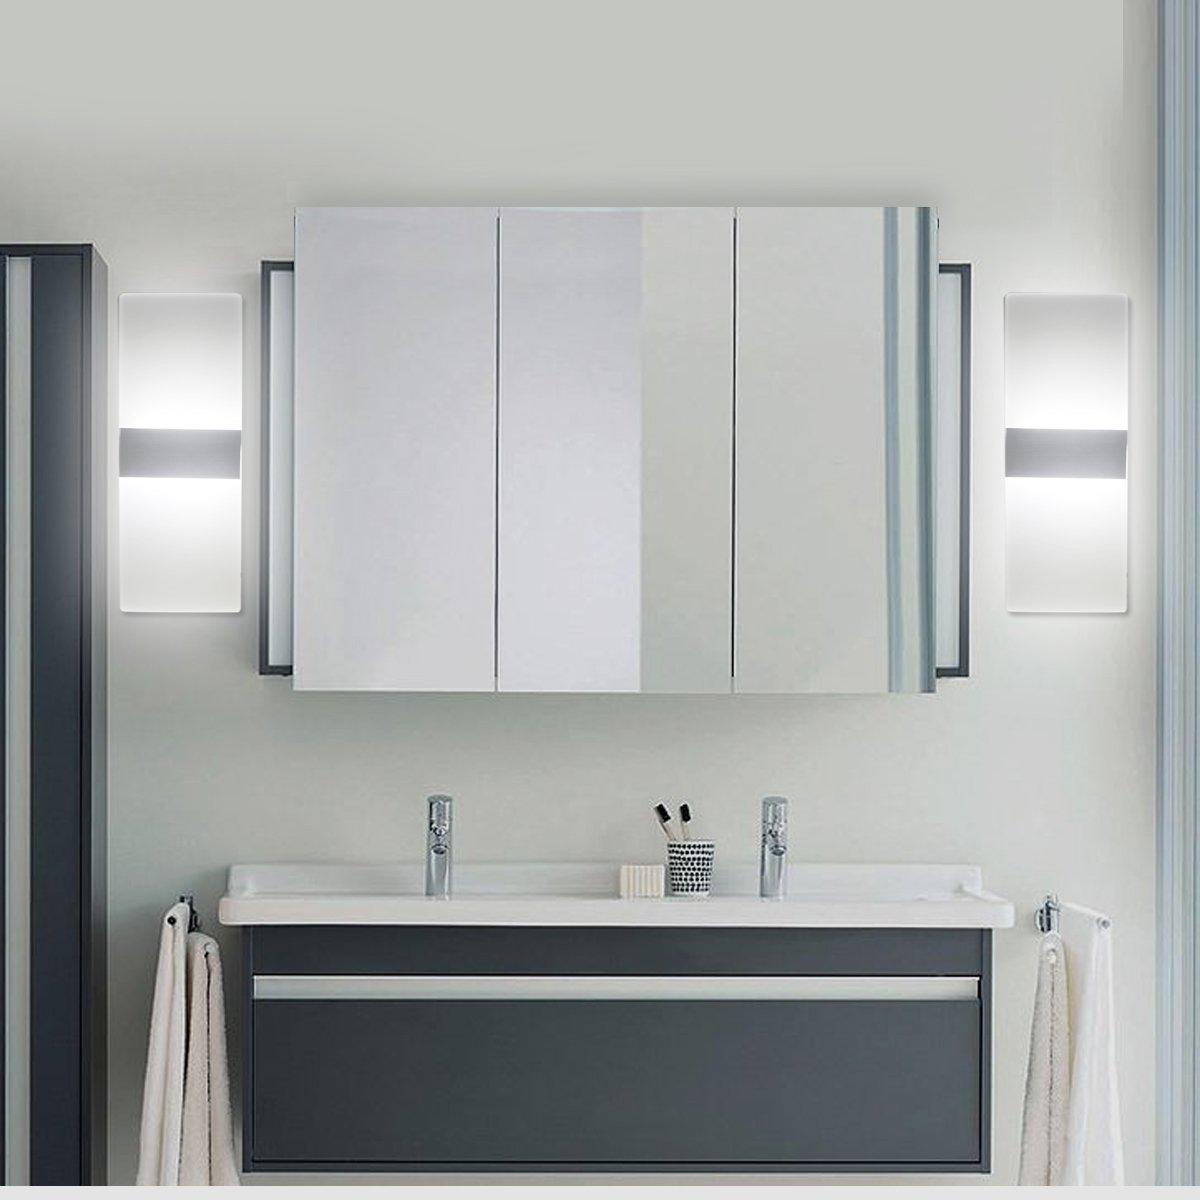 6w moderne aluminium led applique murale interieur clairage mural lumi res pour cuisine. Black Bedroom Furniture Sets. Home Design Ideas